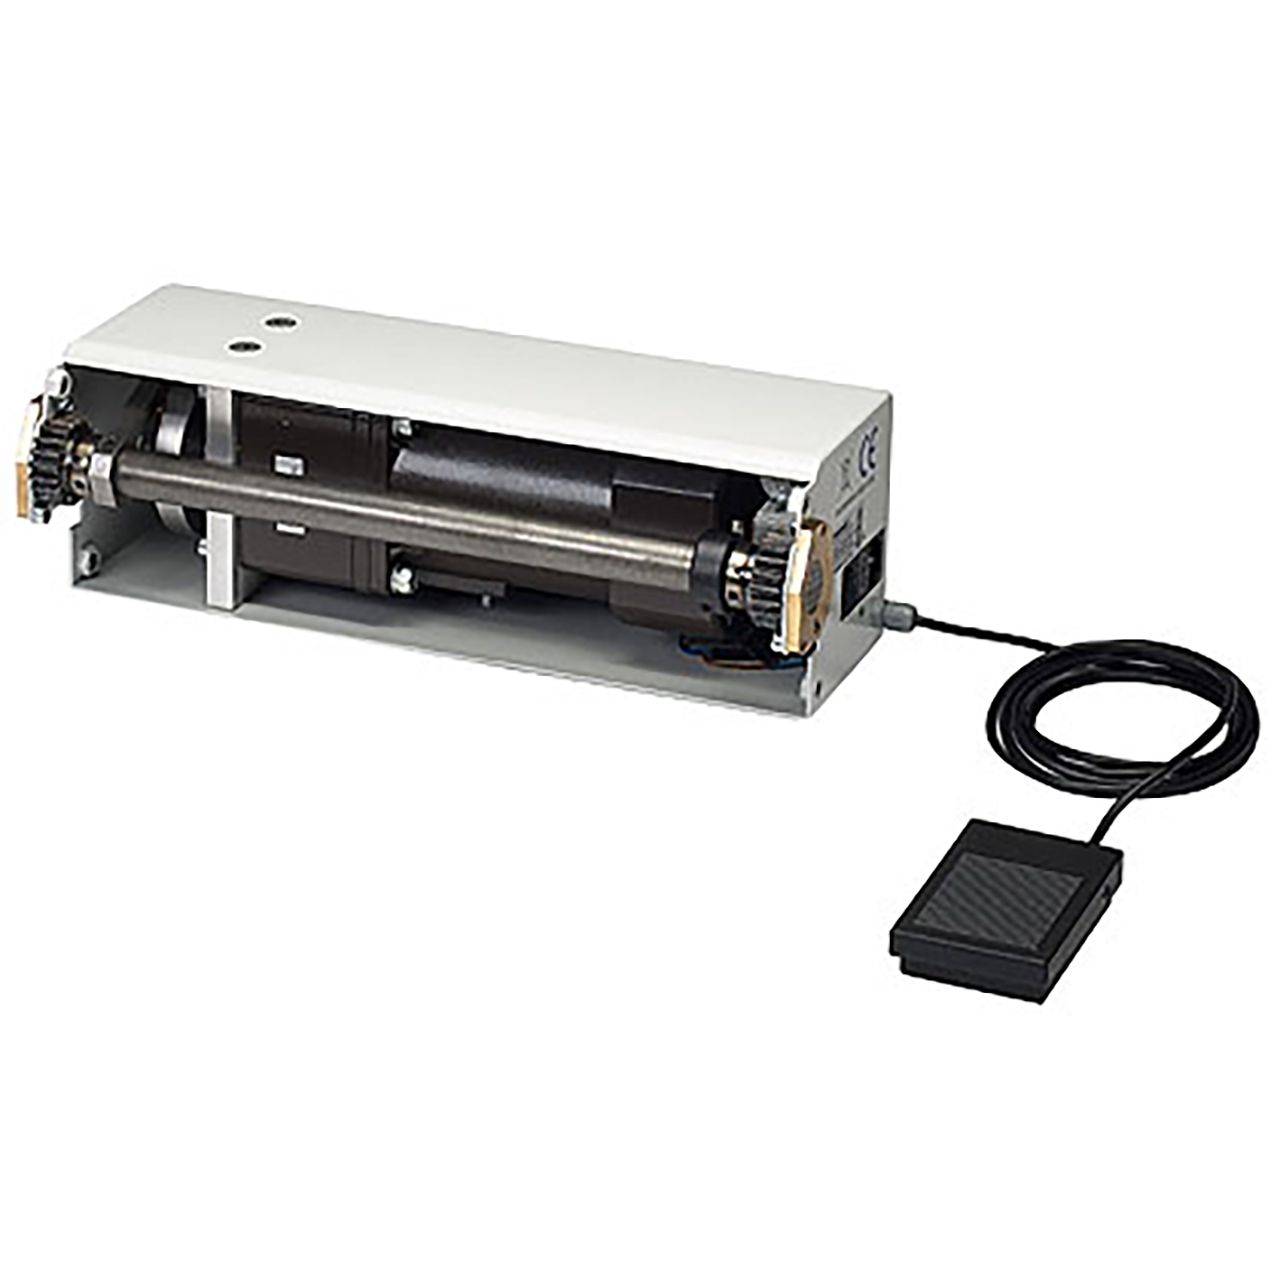 Modularer Antrieb für Renz Drahtbindegeräte